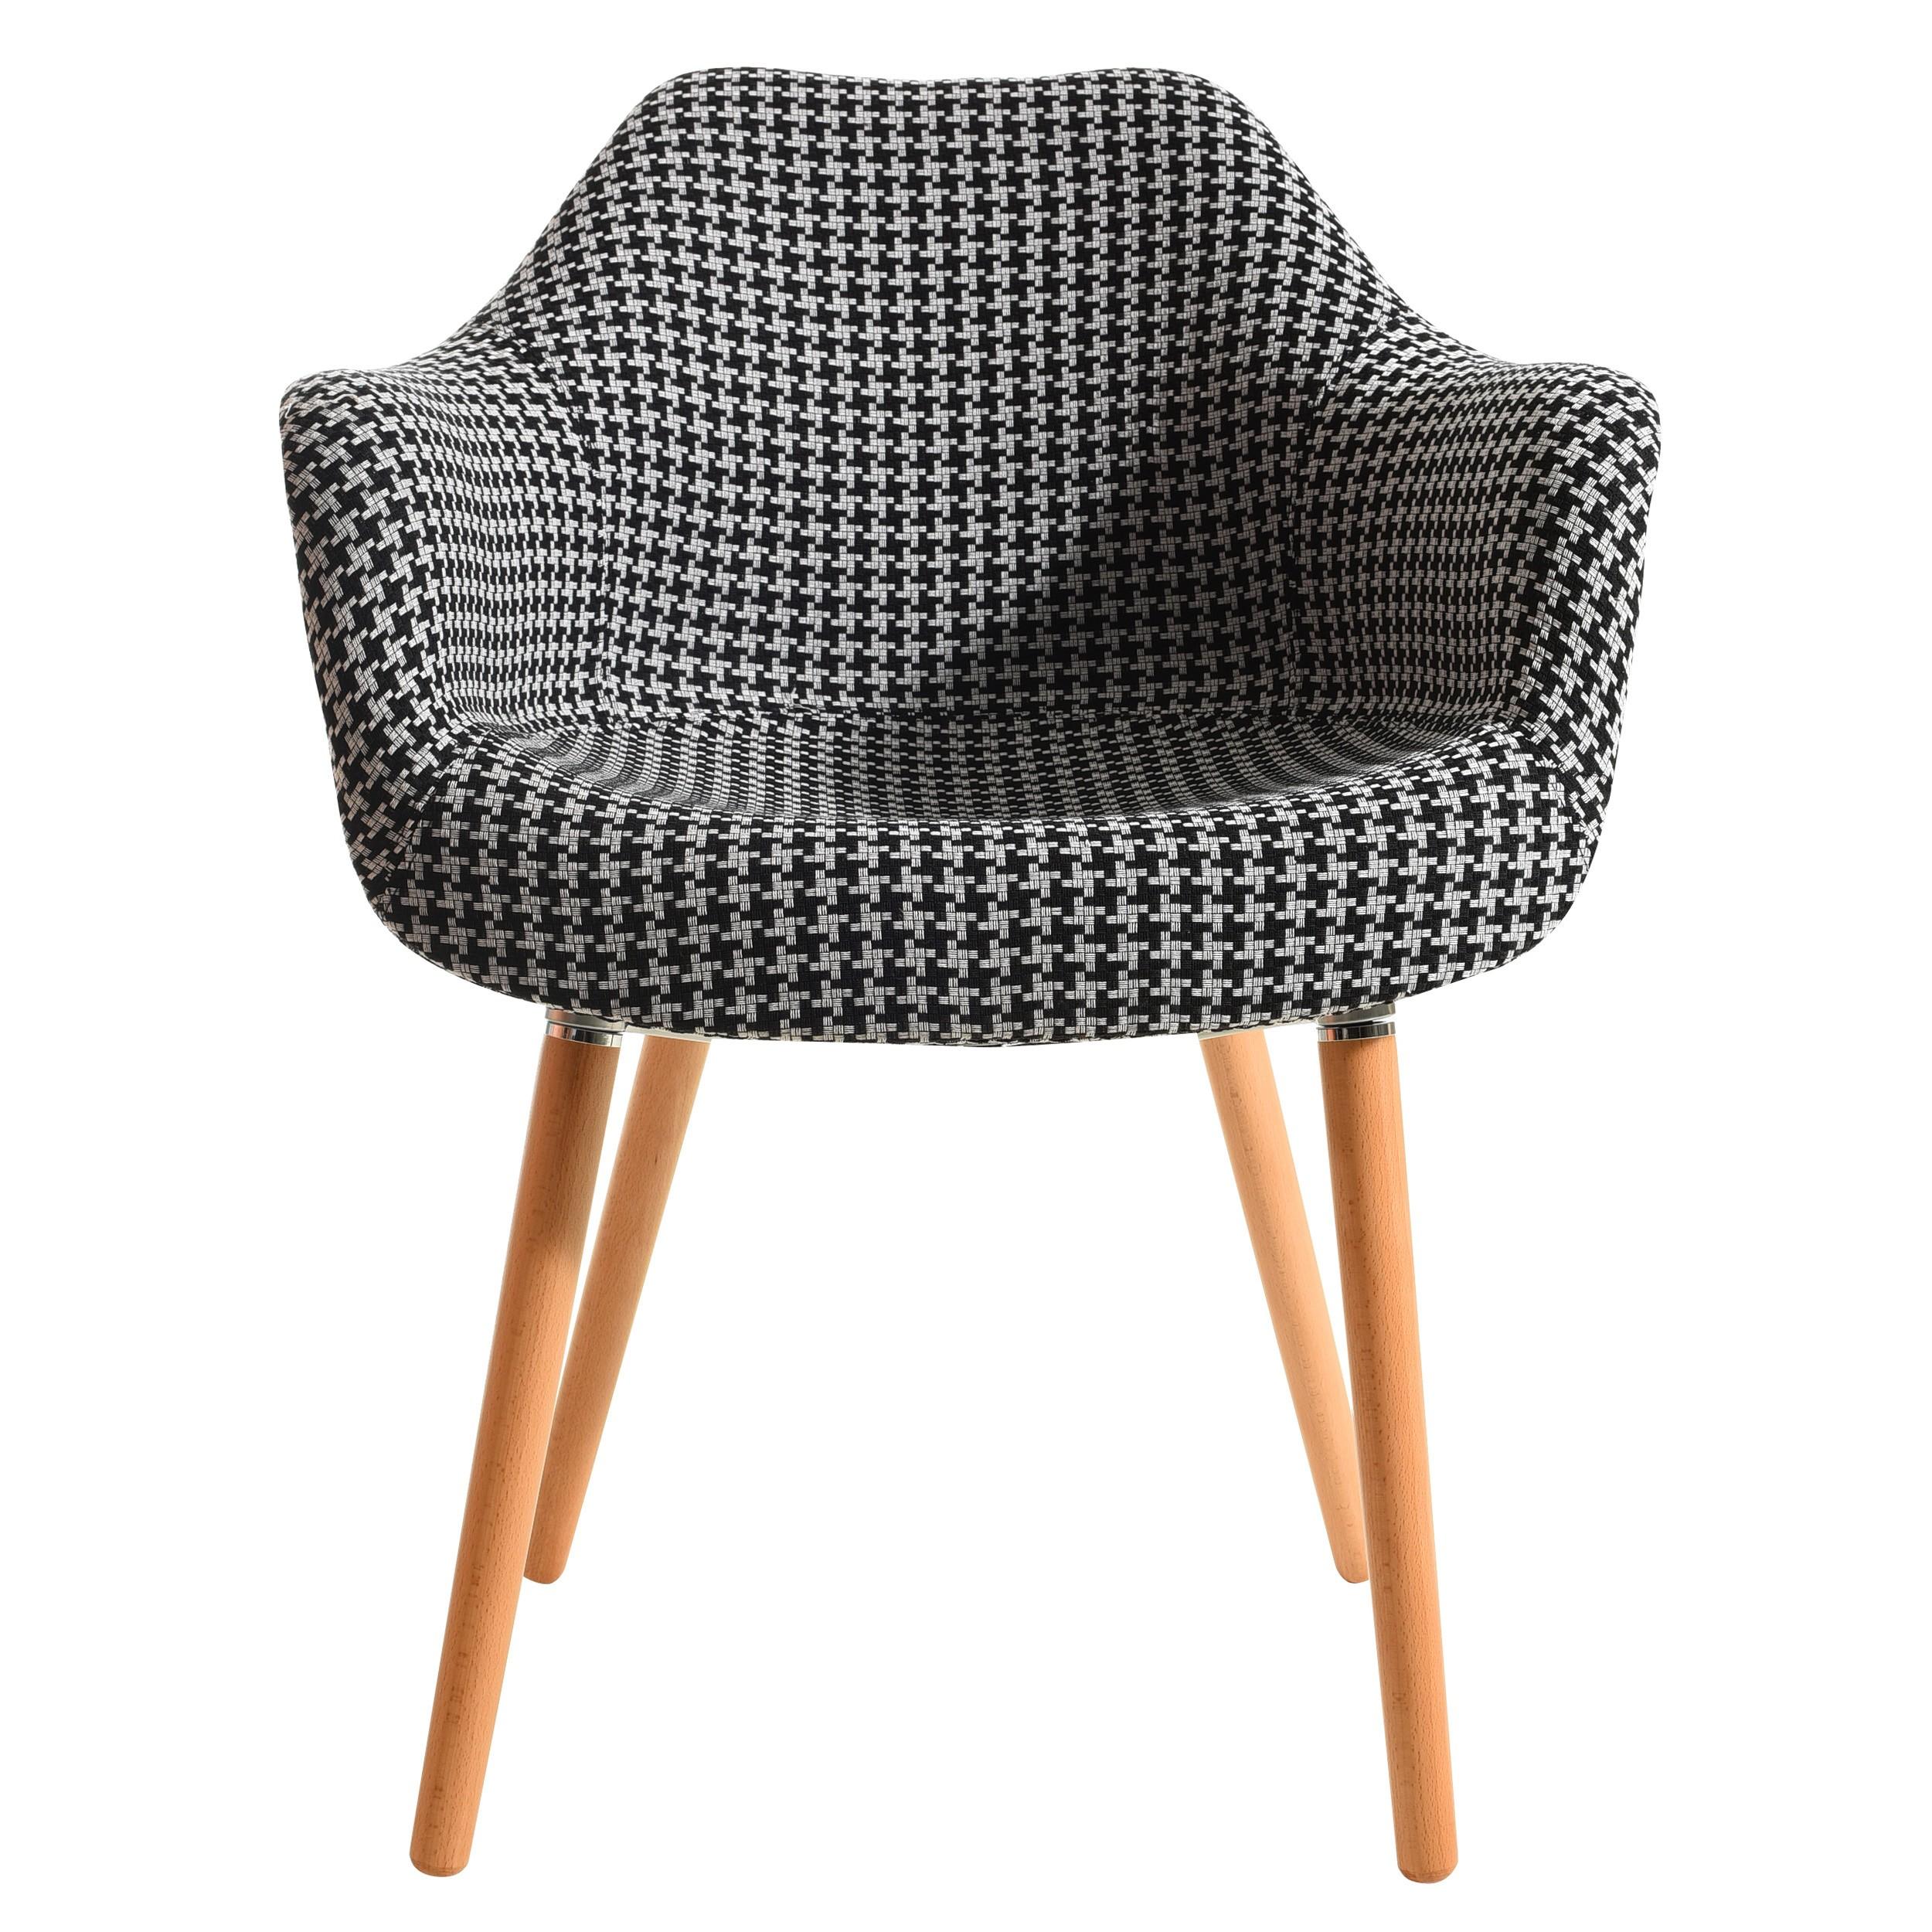 acheter chaise patchwork a motif